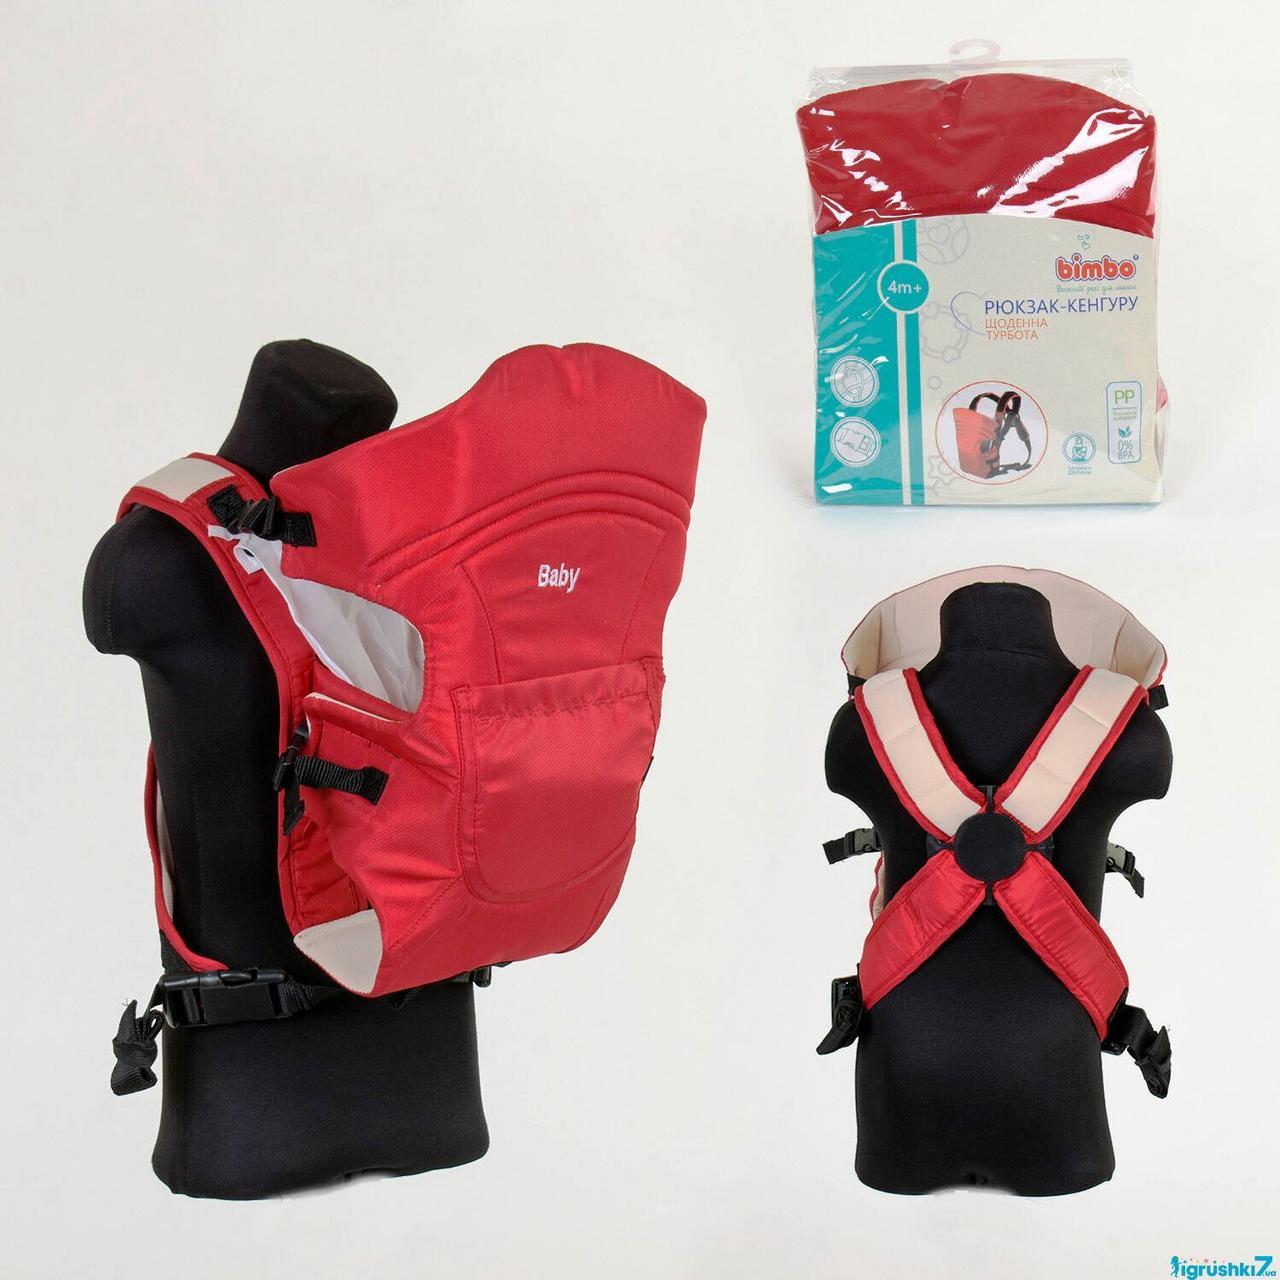 Рюкзак кенгуру для малышей 22433 «BIMBO», Красный цвет, от 4-х месяцев, в чехле